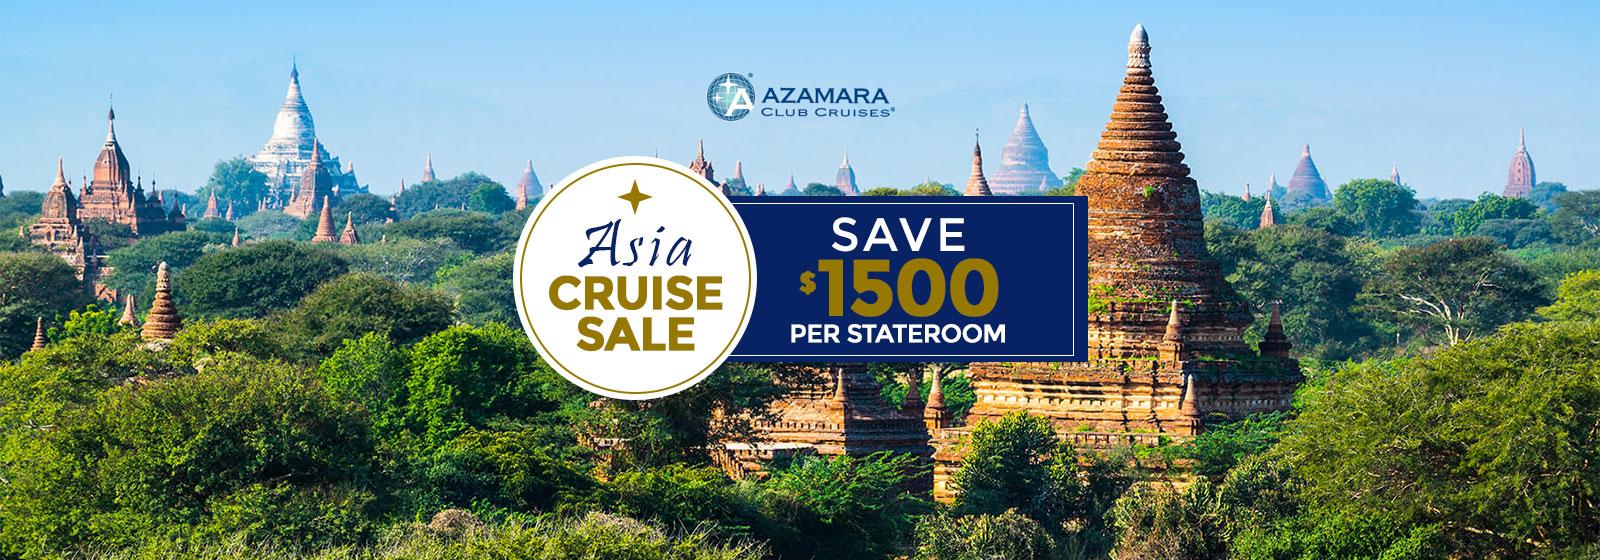 Azamara Asia Cruise Sale